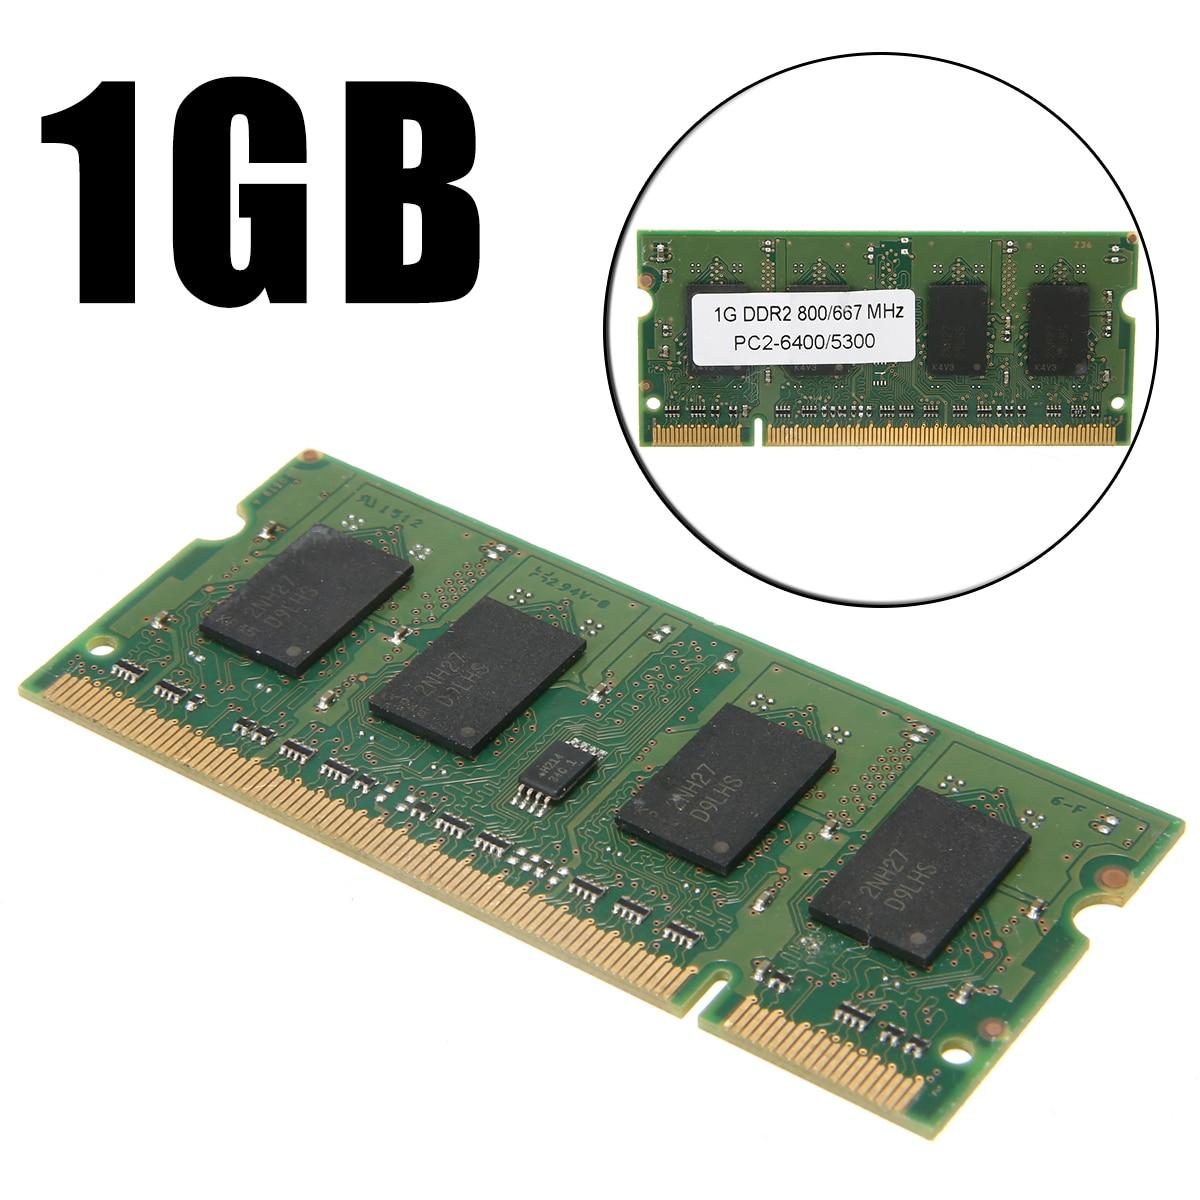 1GB DDR2 667MHz PC2 5300 Laptop PC DIMM 200-Pin NON ECC Memory RAM